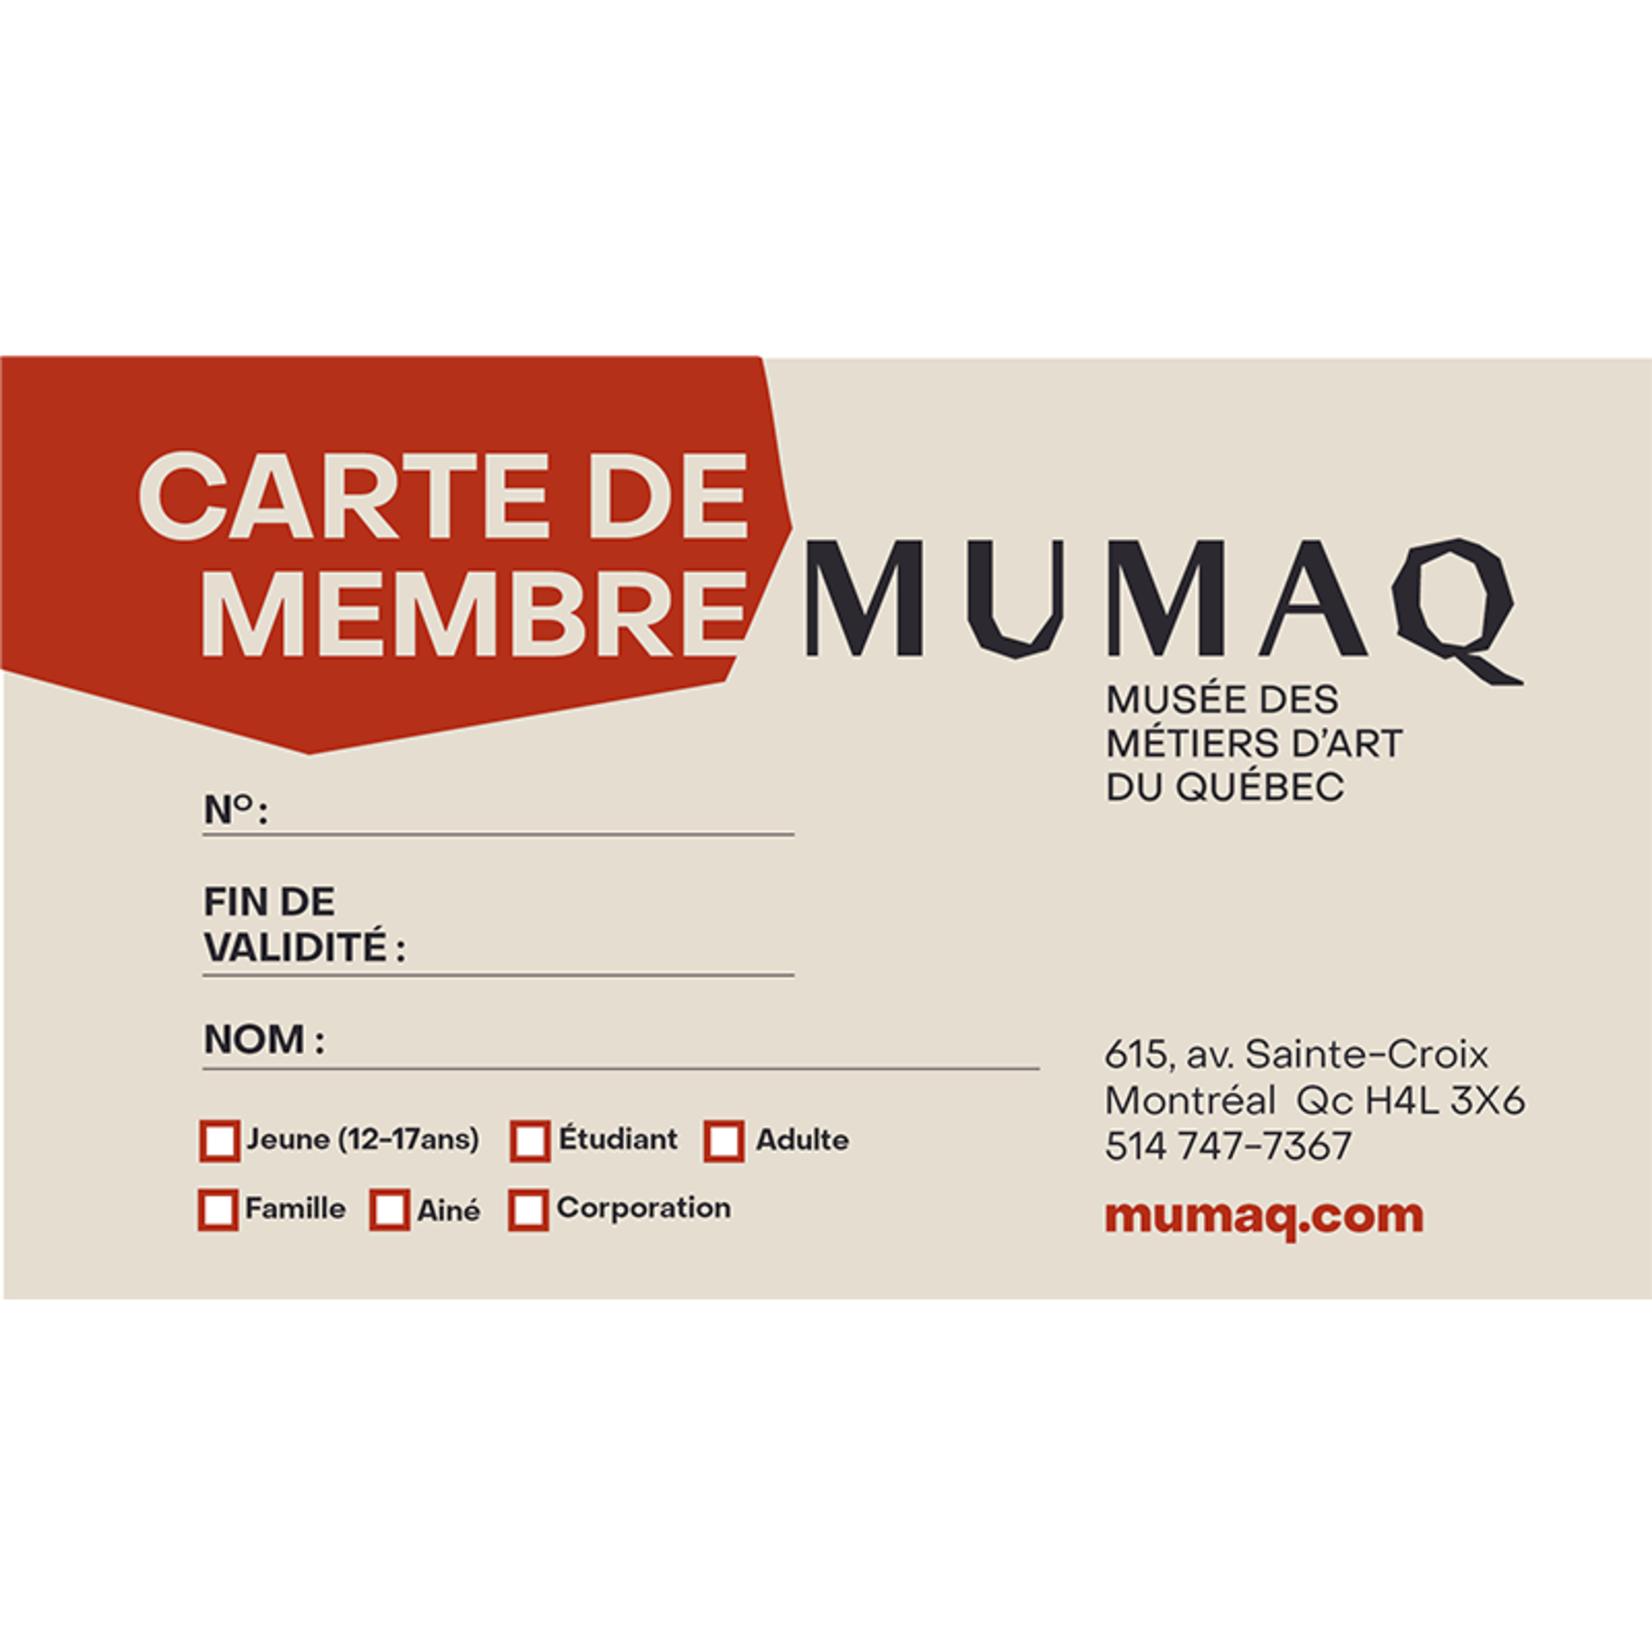 Carte de membre - Membre +1 personne, 1 an